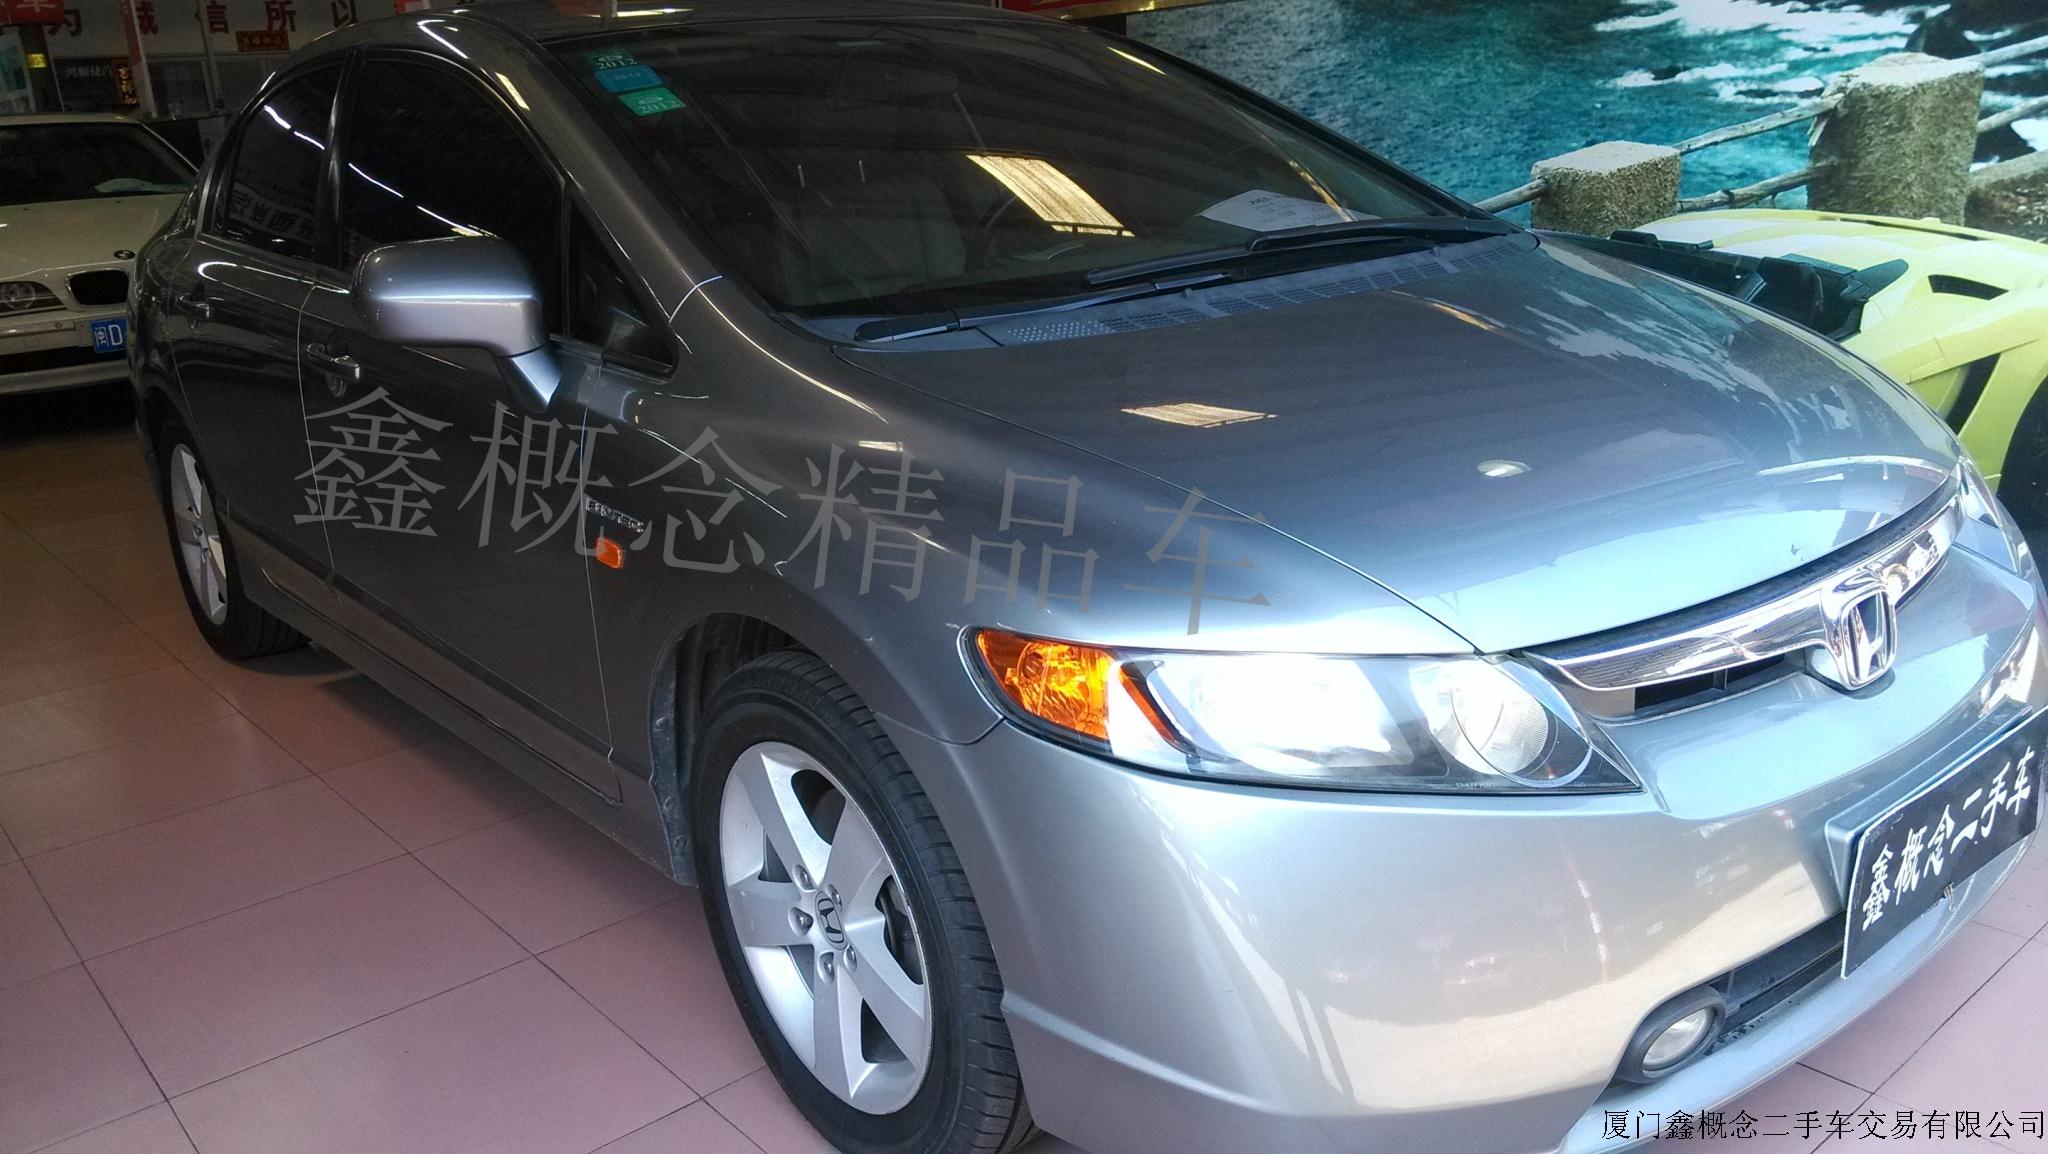 车辆信息 本田思域 颜色 银灰 品牌 本田 型号 思域 年限 2006 价格